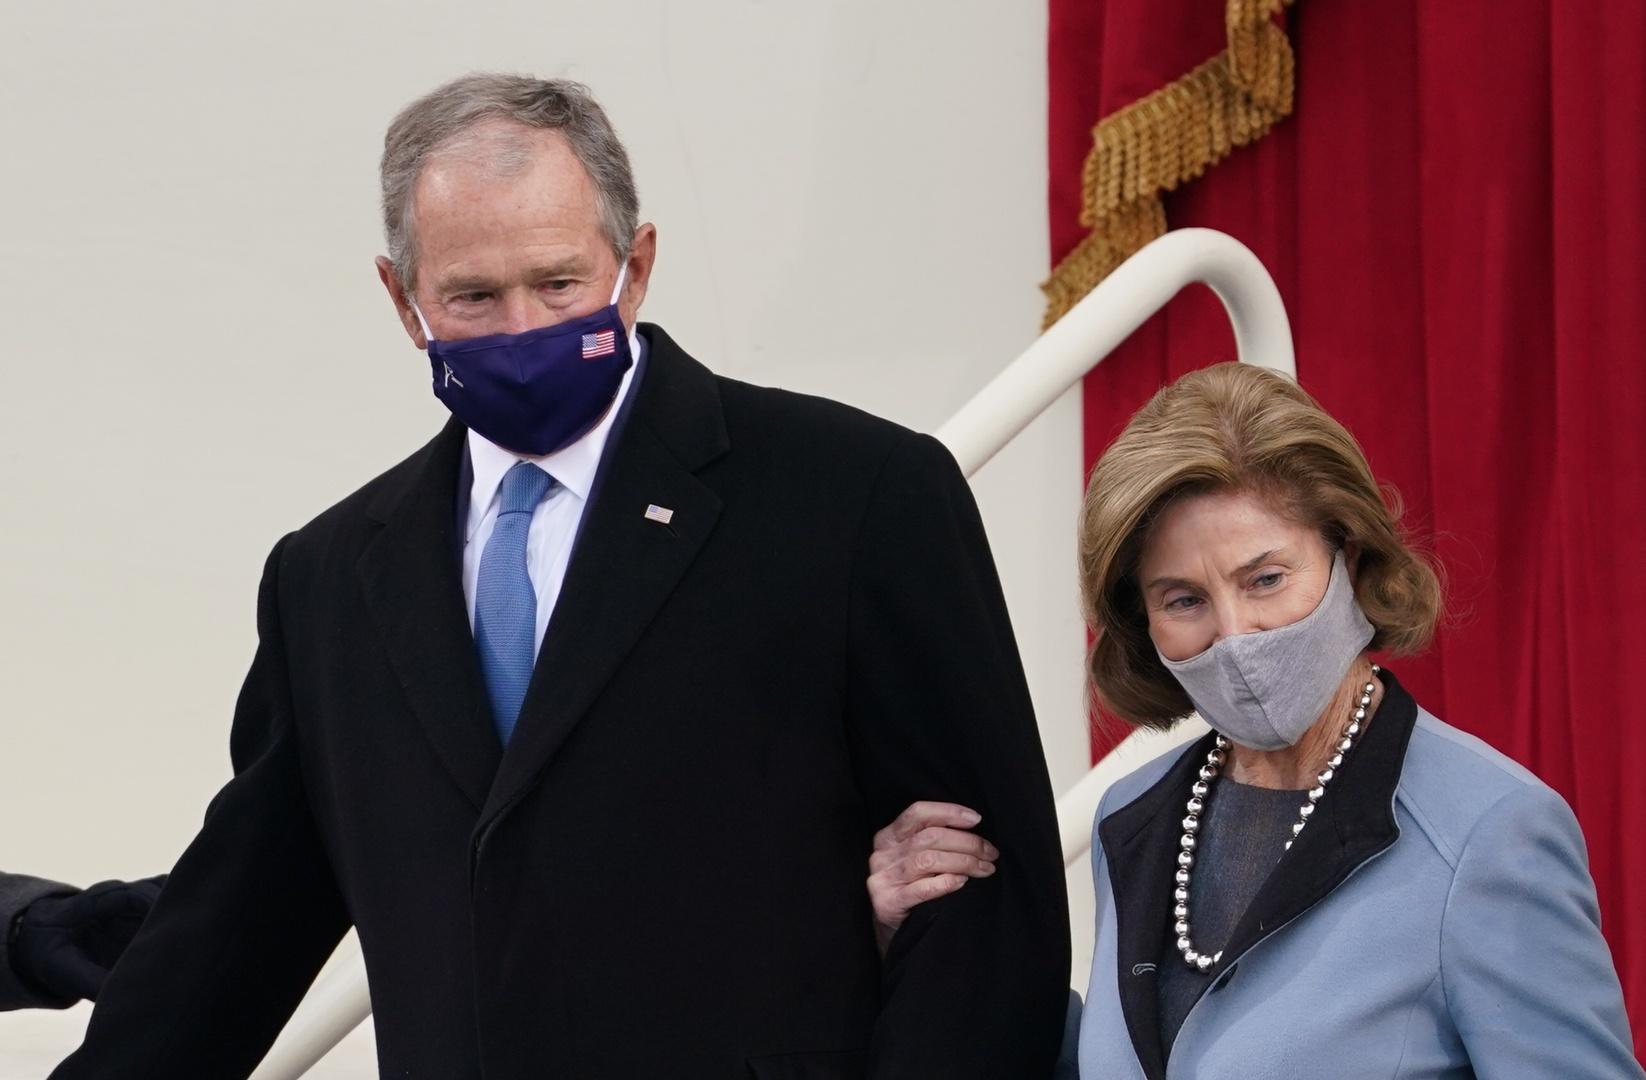 بوش يدعو لفتح ممر آمن للاجئين الأفغان دون تأخير